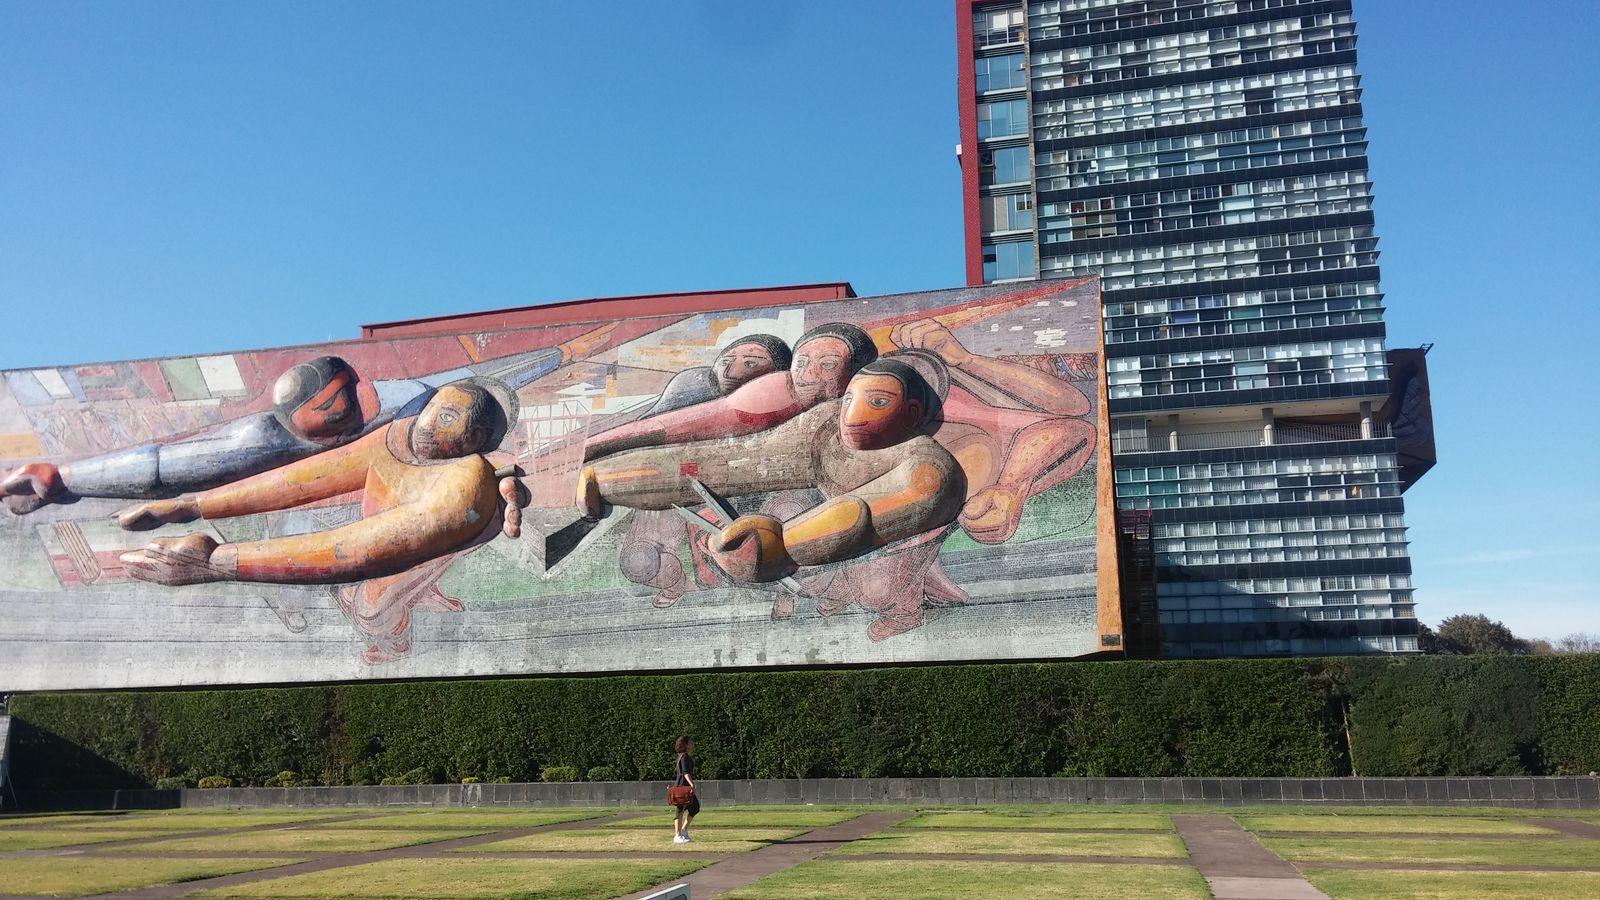 국립자치대학교(UNAM) 벽화.